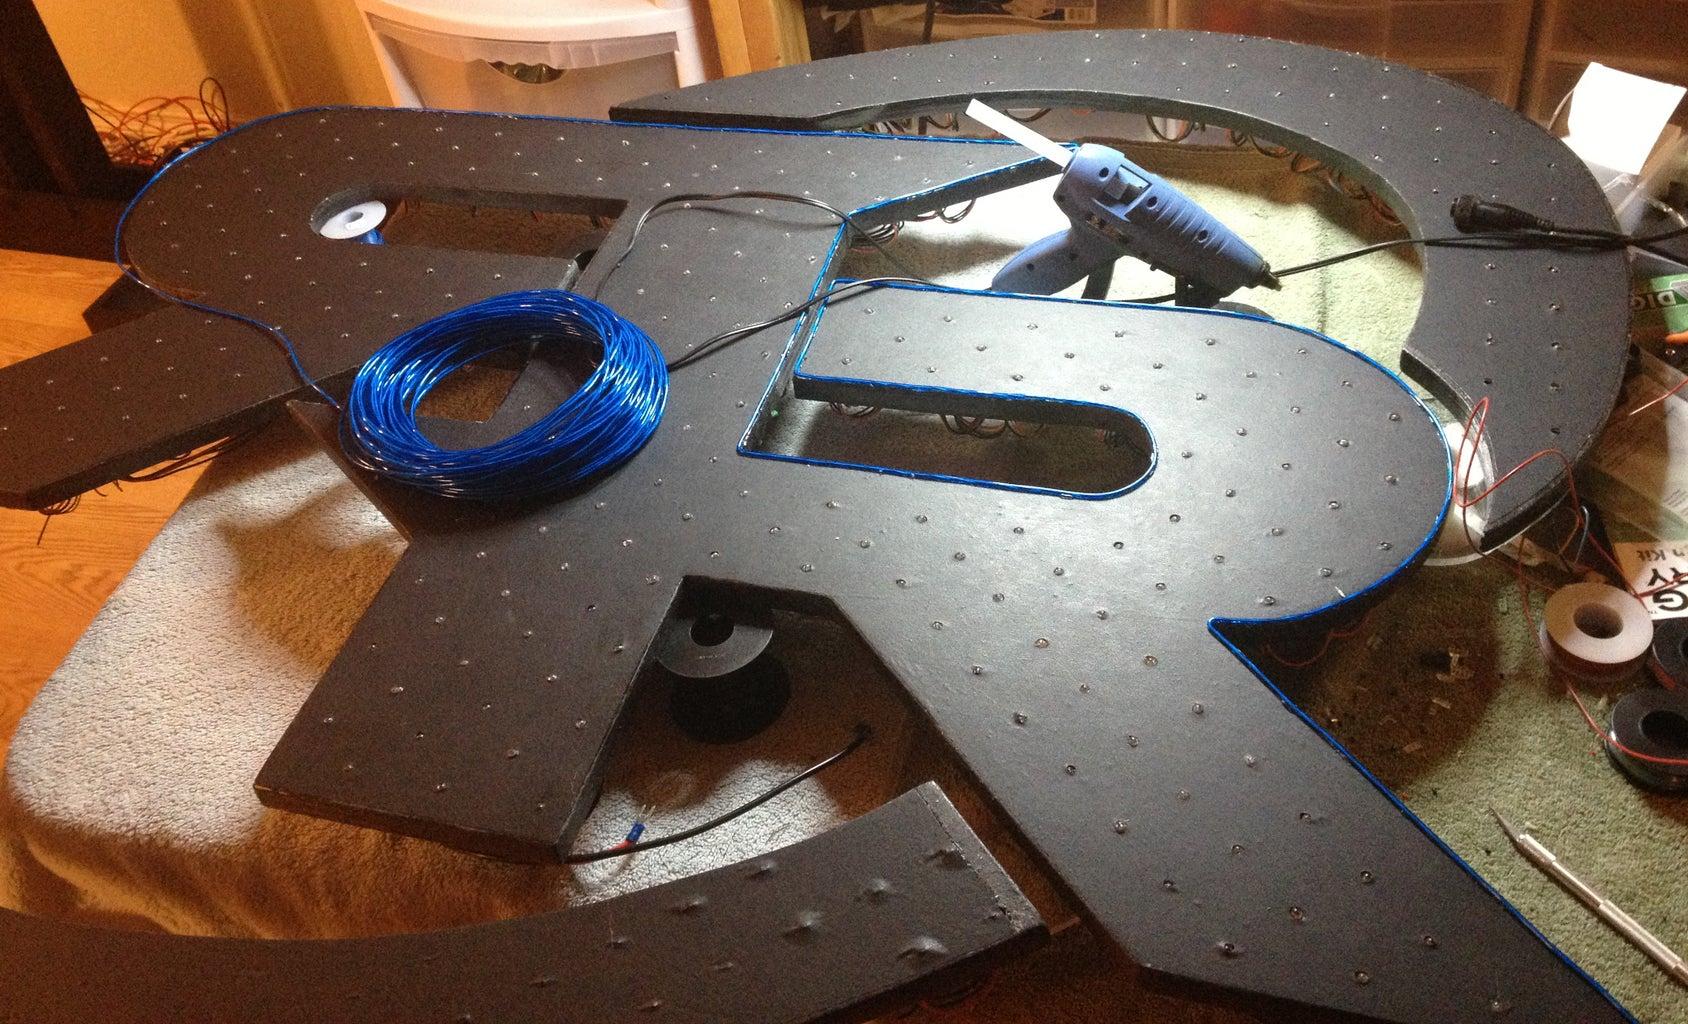 EL Wire & More LEDs